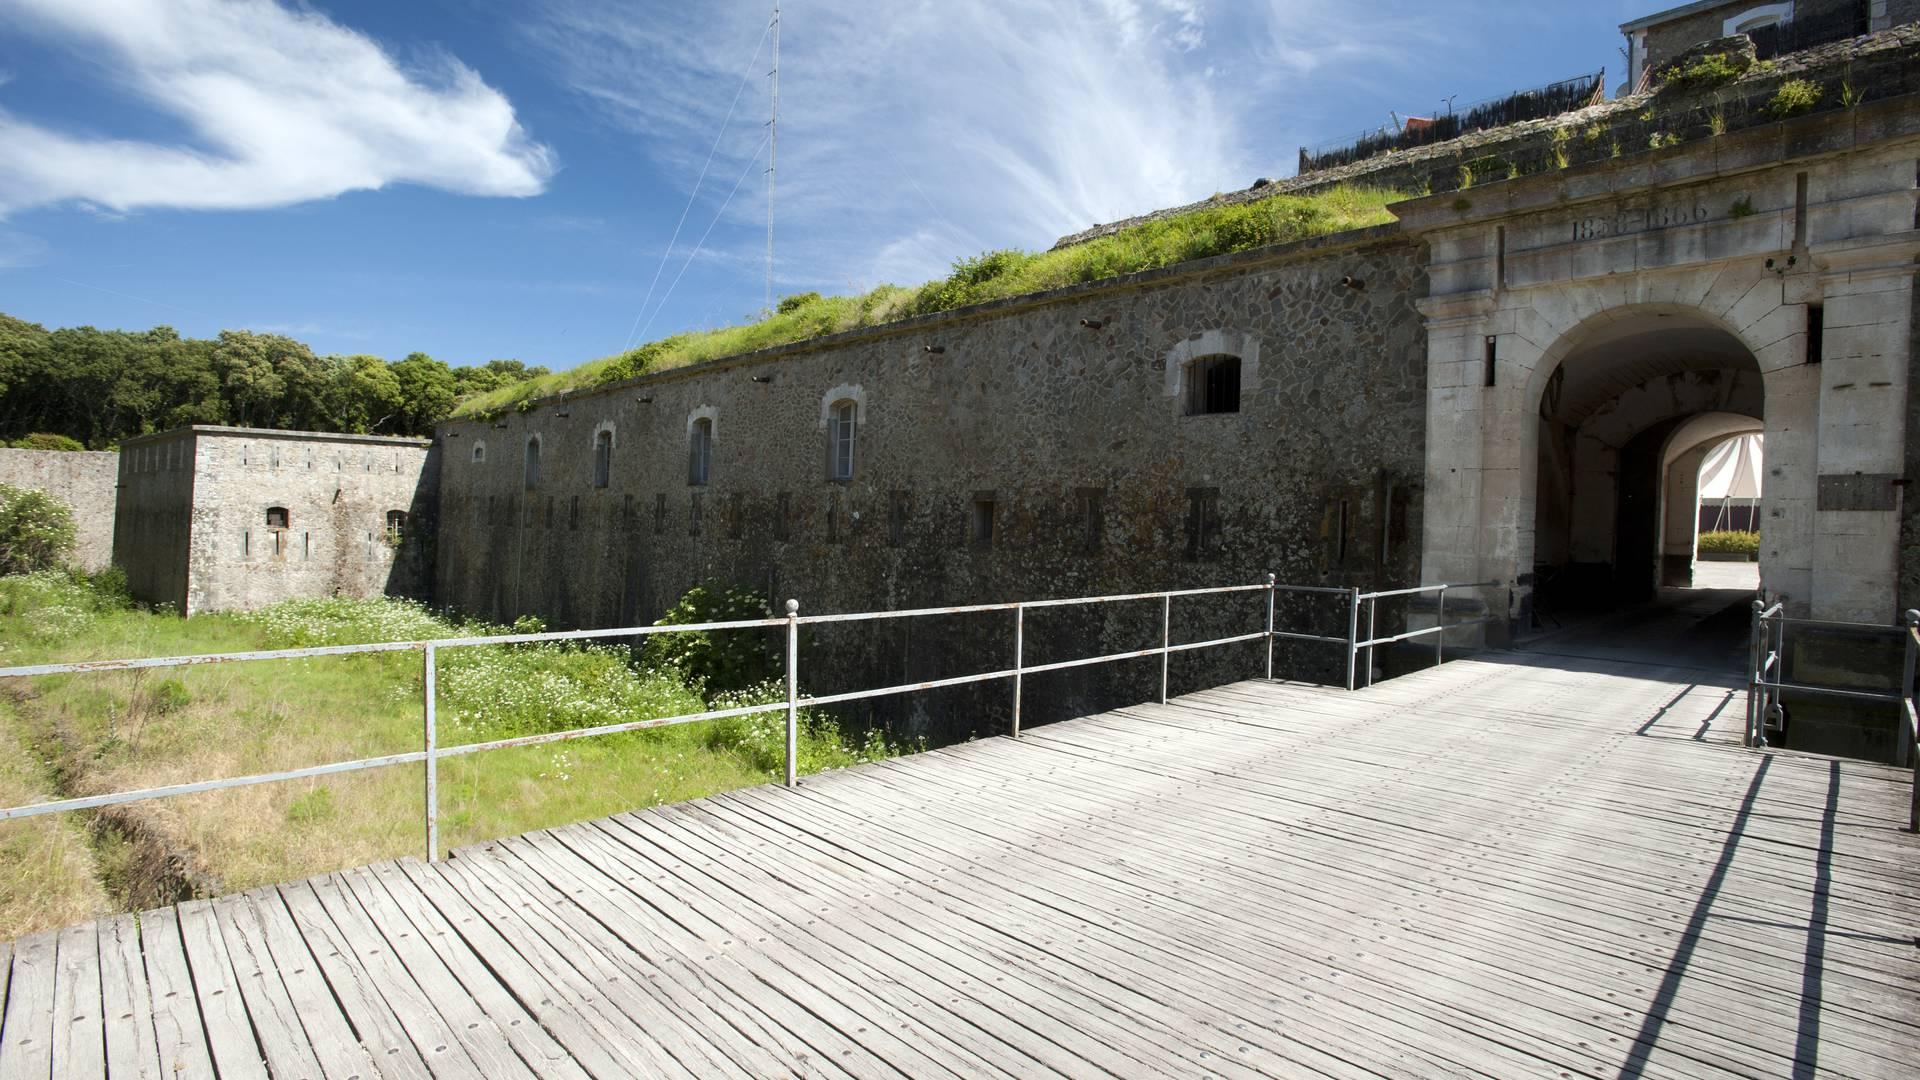 La Citadelle, Fort de la Pierre Levée, Ile d'Yeu